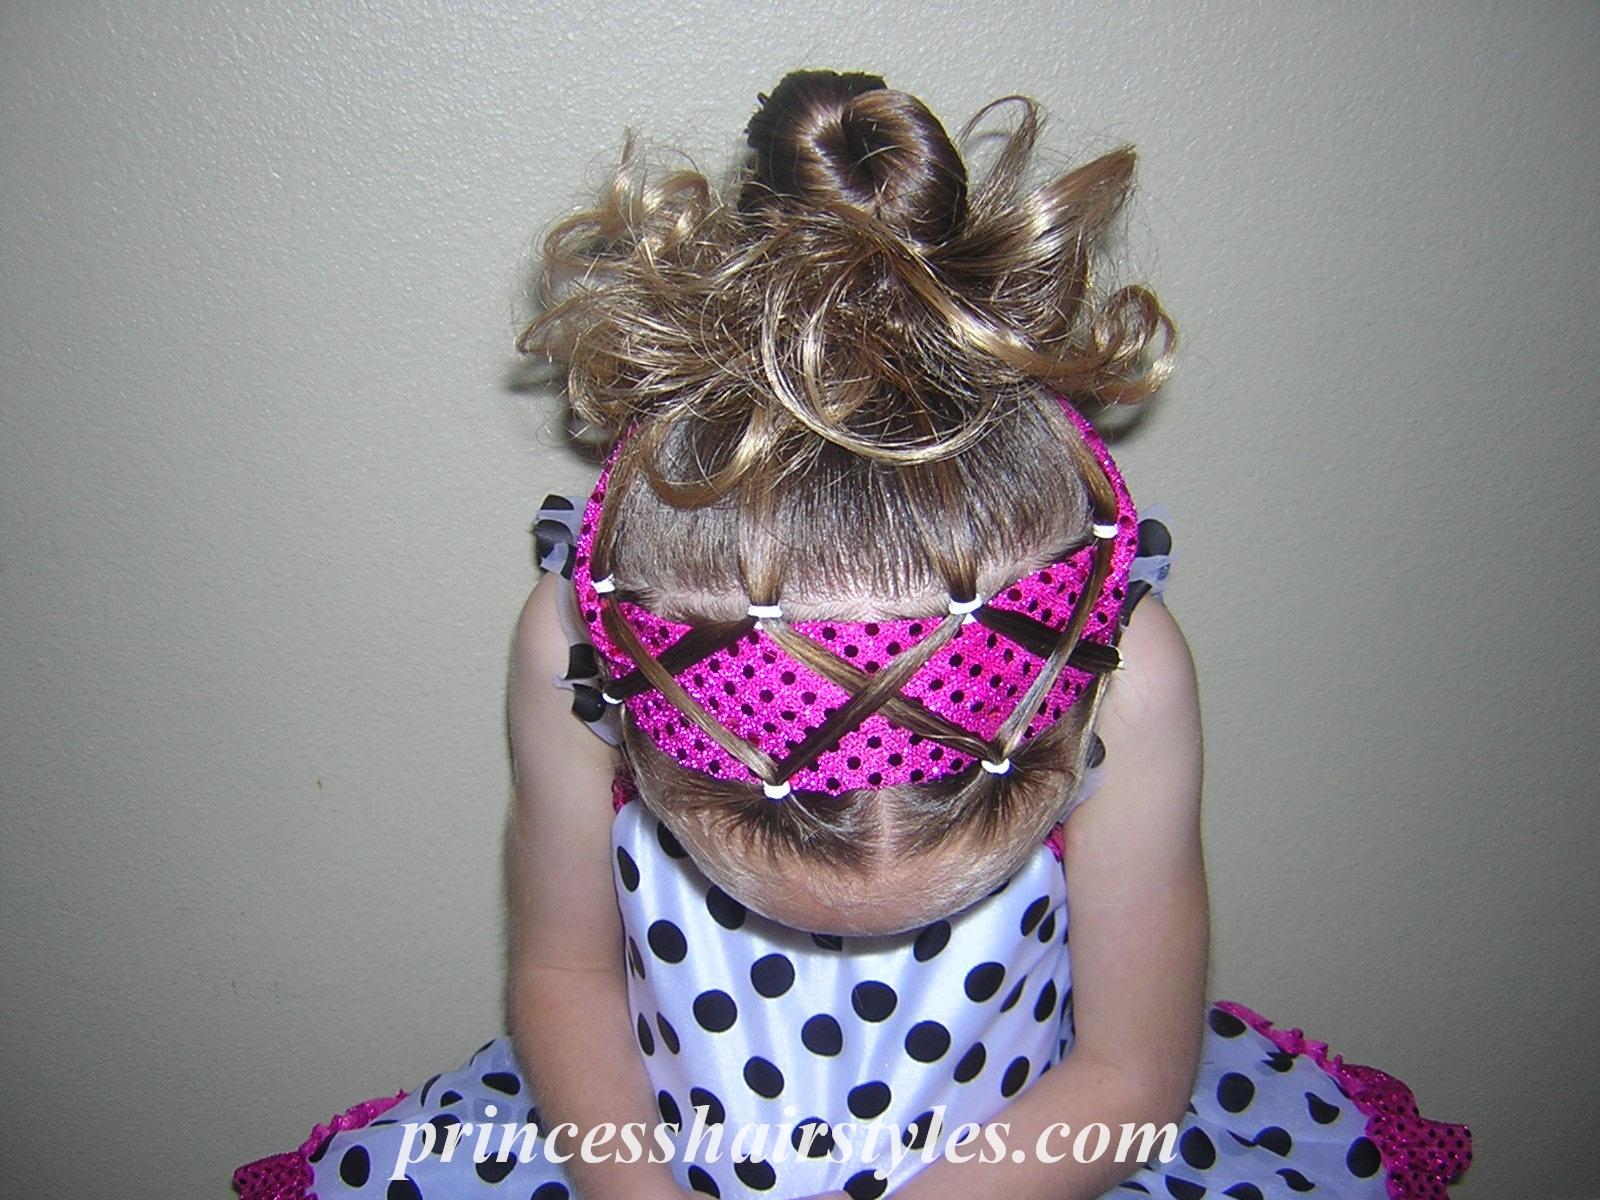 http://1.bp.blogspot.com/_p0Kt28QRU1I/S-K2JlLCYBI/AAAAAAAAF4M/8d_fVwLJTbE/s1600/dance%2Bhairstyle.jpg